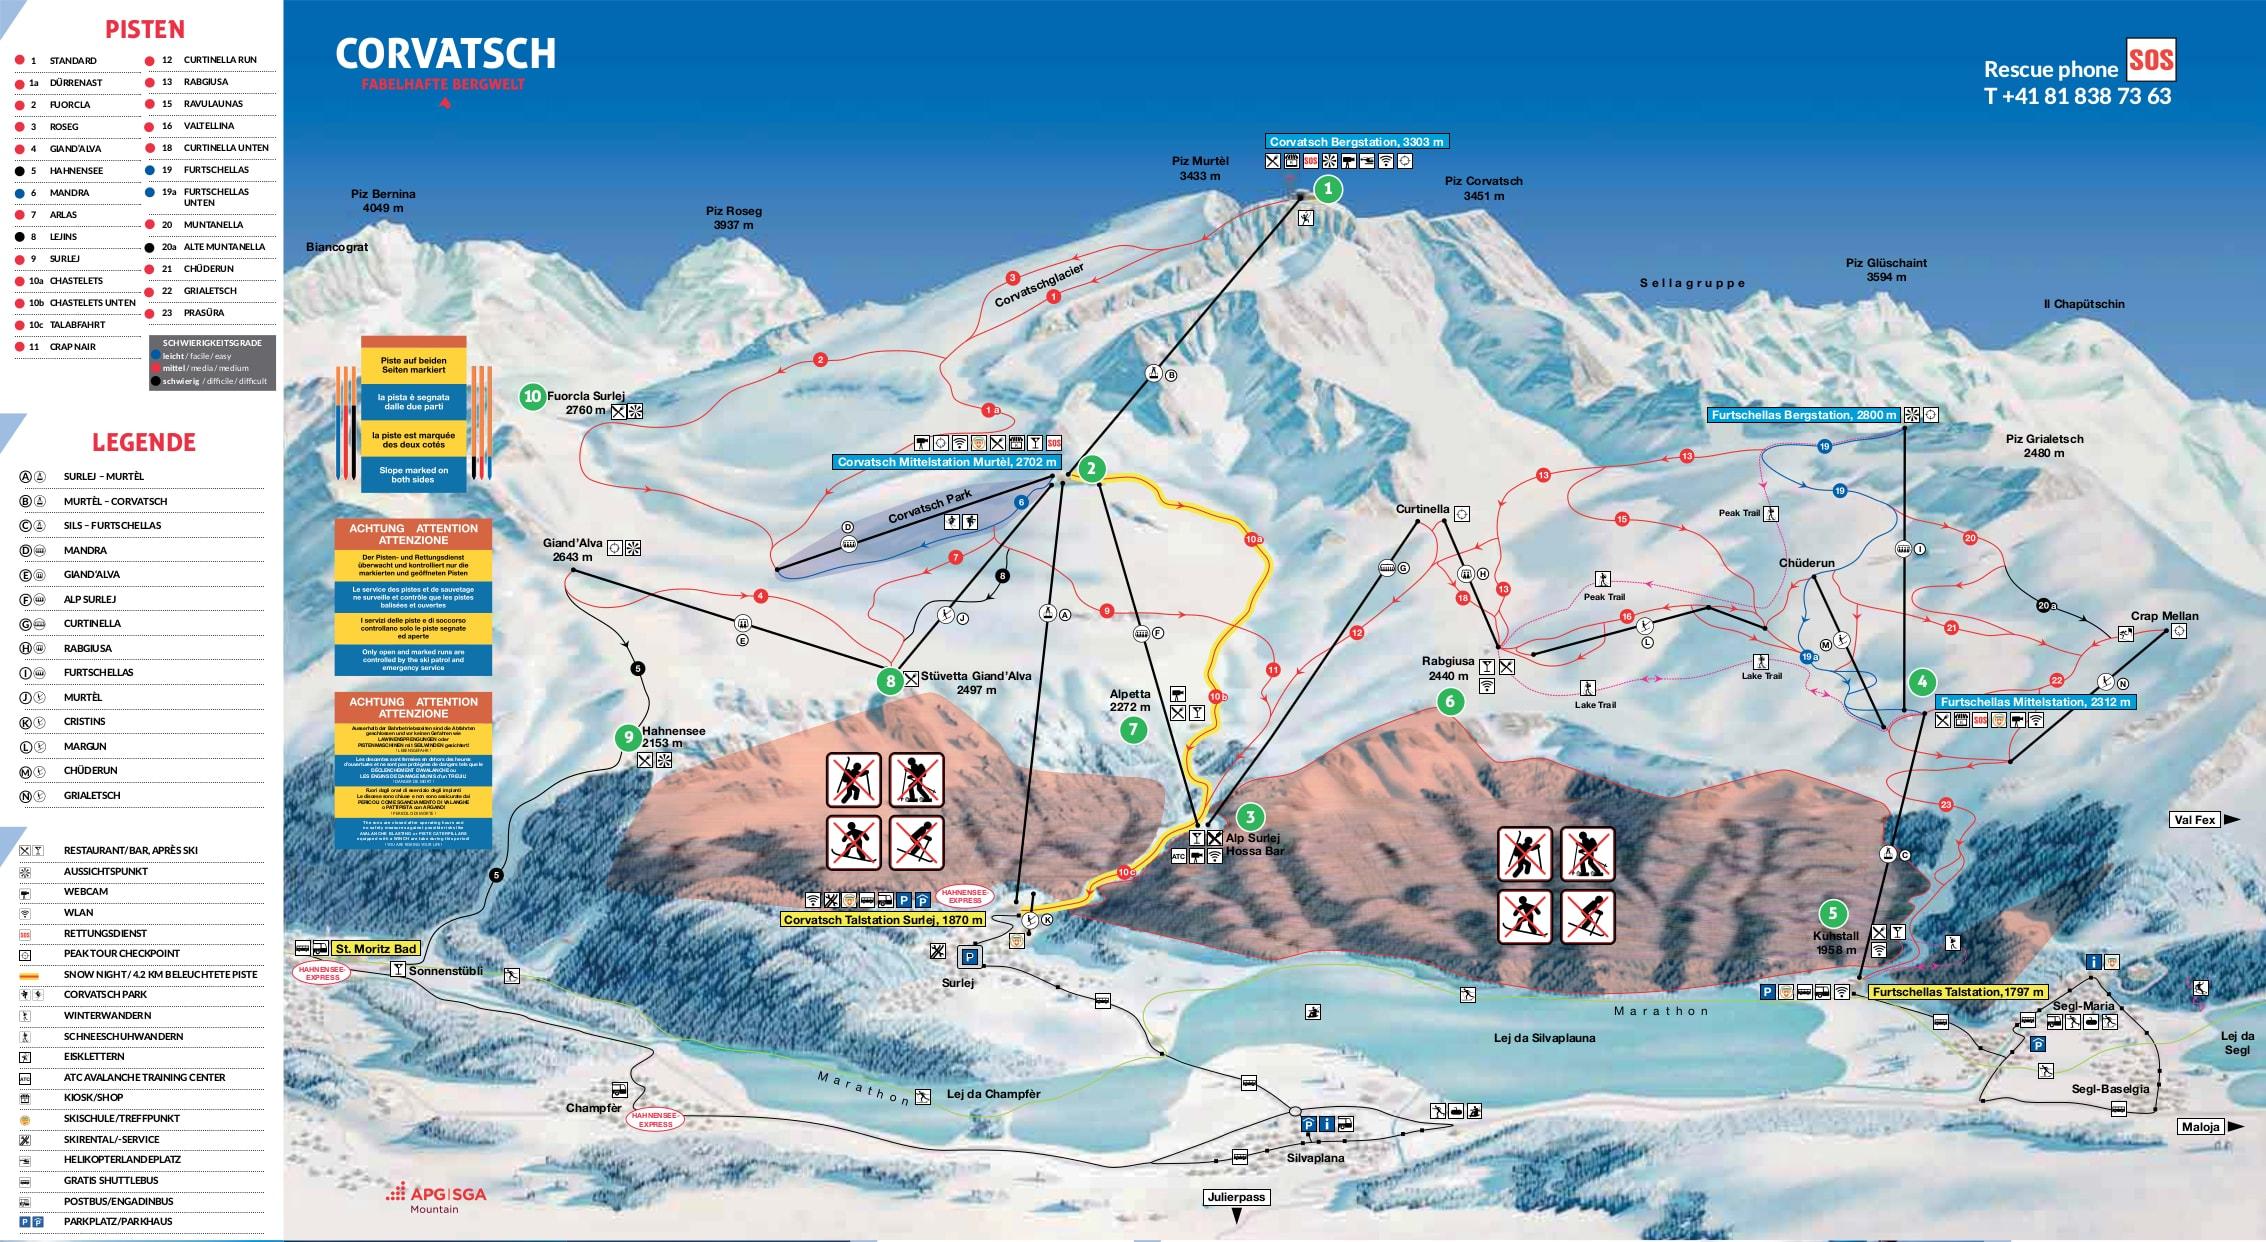 Corvatsch-Furtschellas Piste / Trail Map